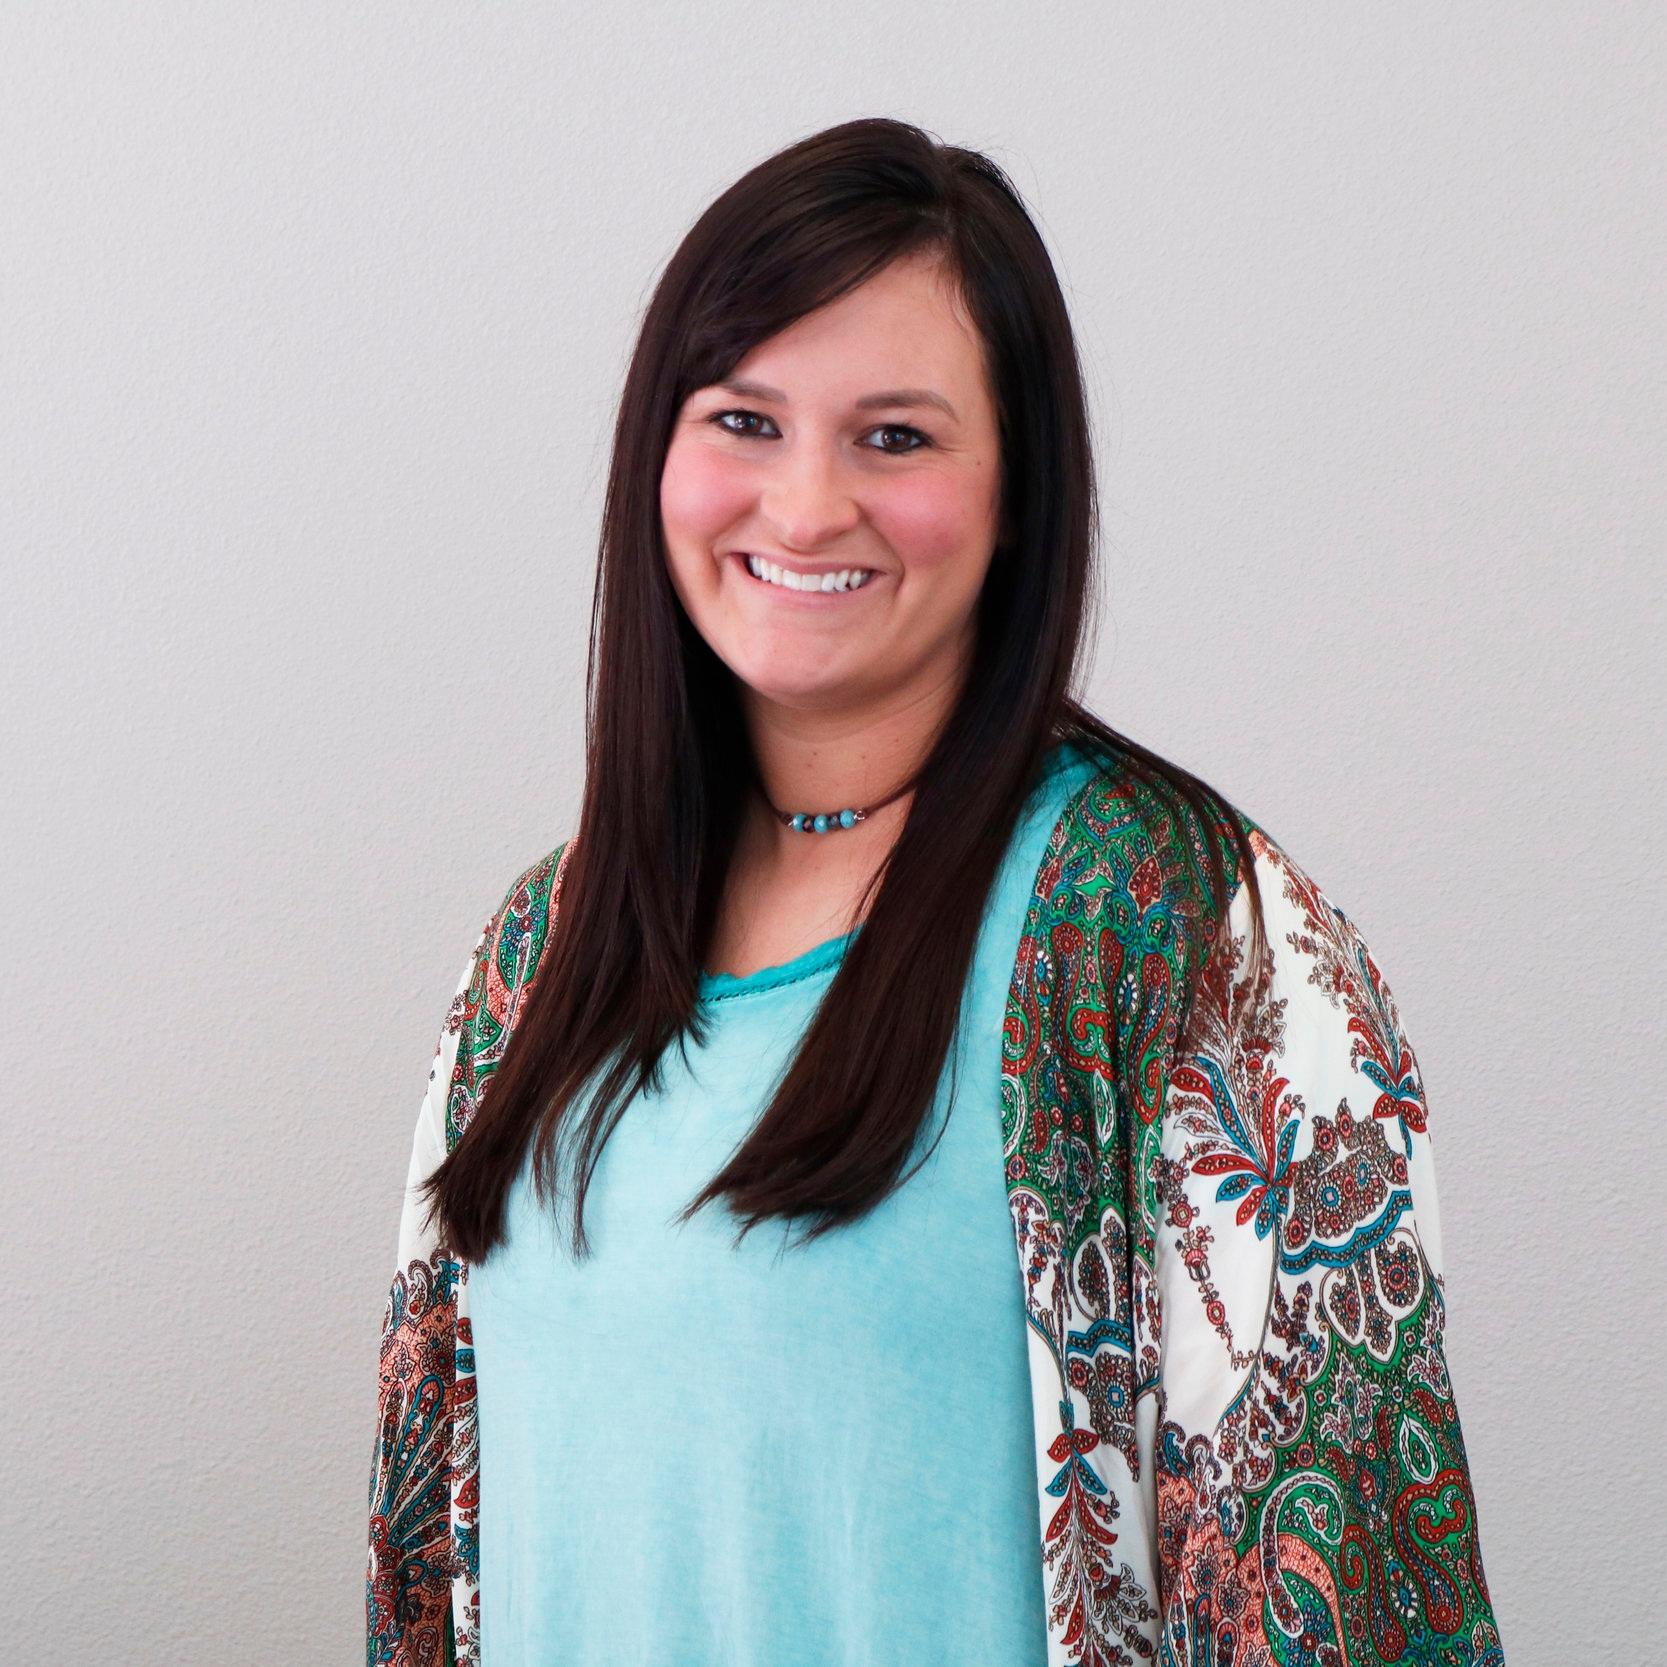 Brooke Lester